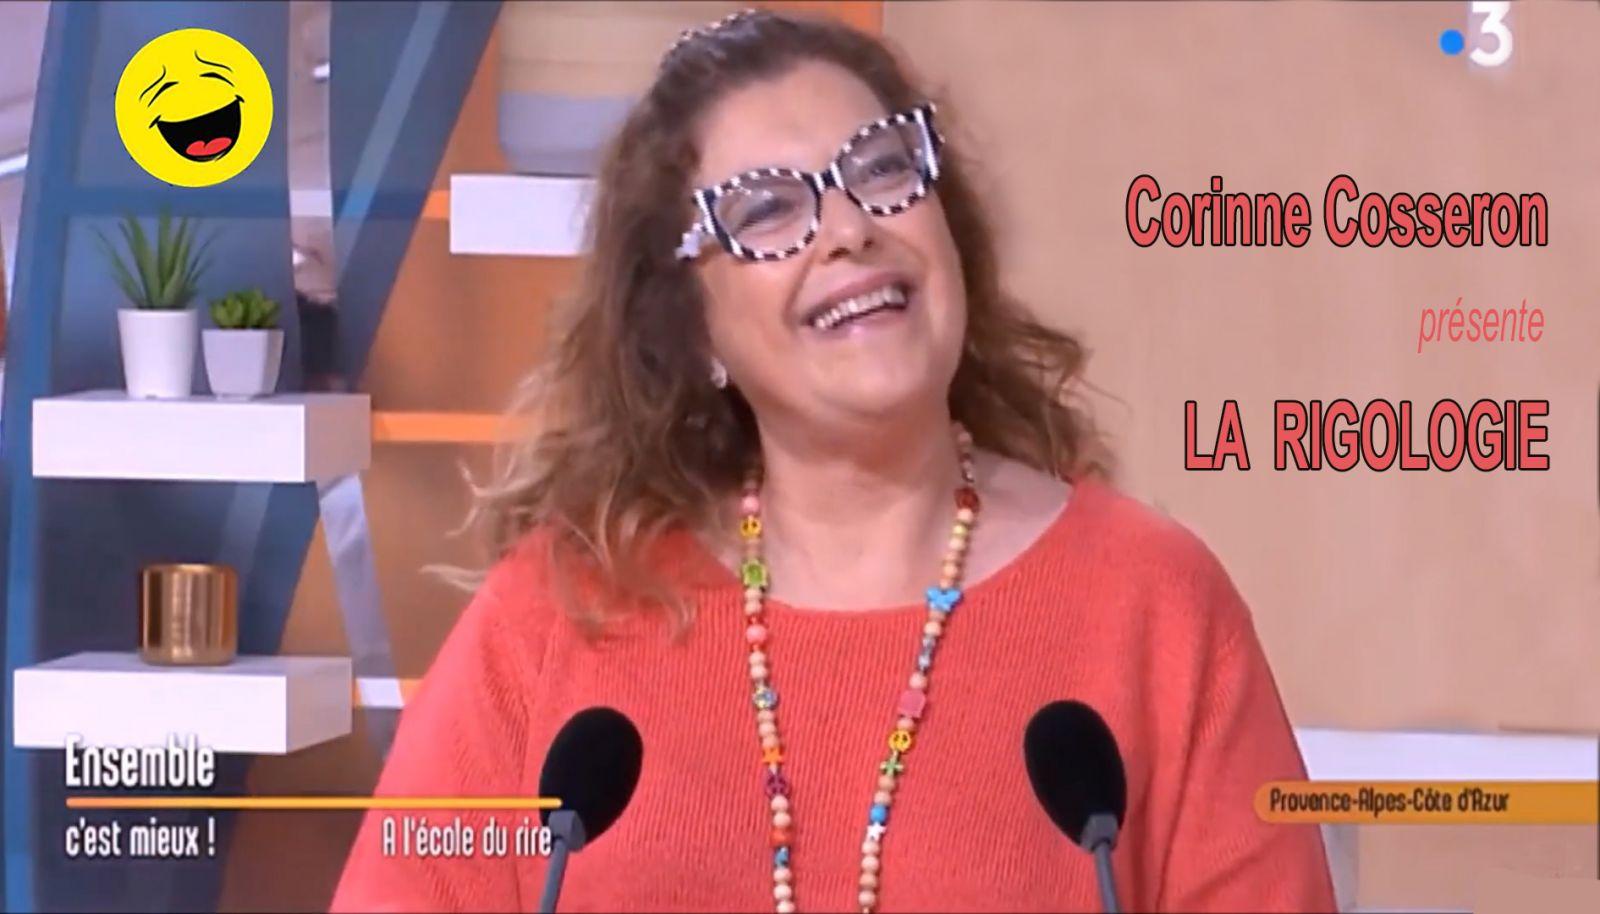 Corinne Cosseron sur France 3 explique la rigologie